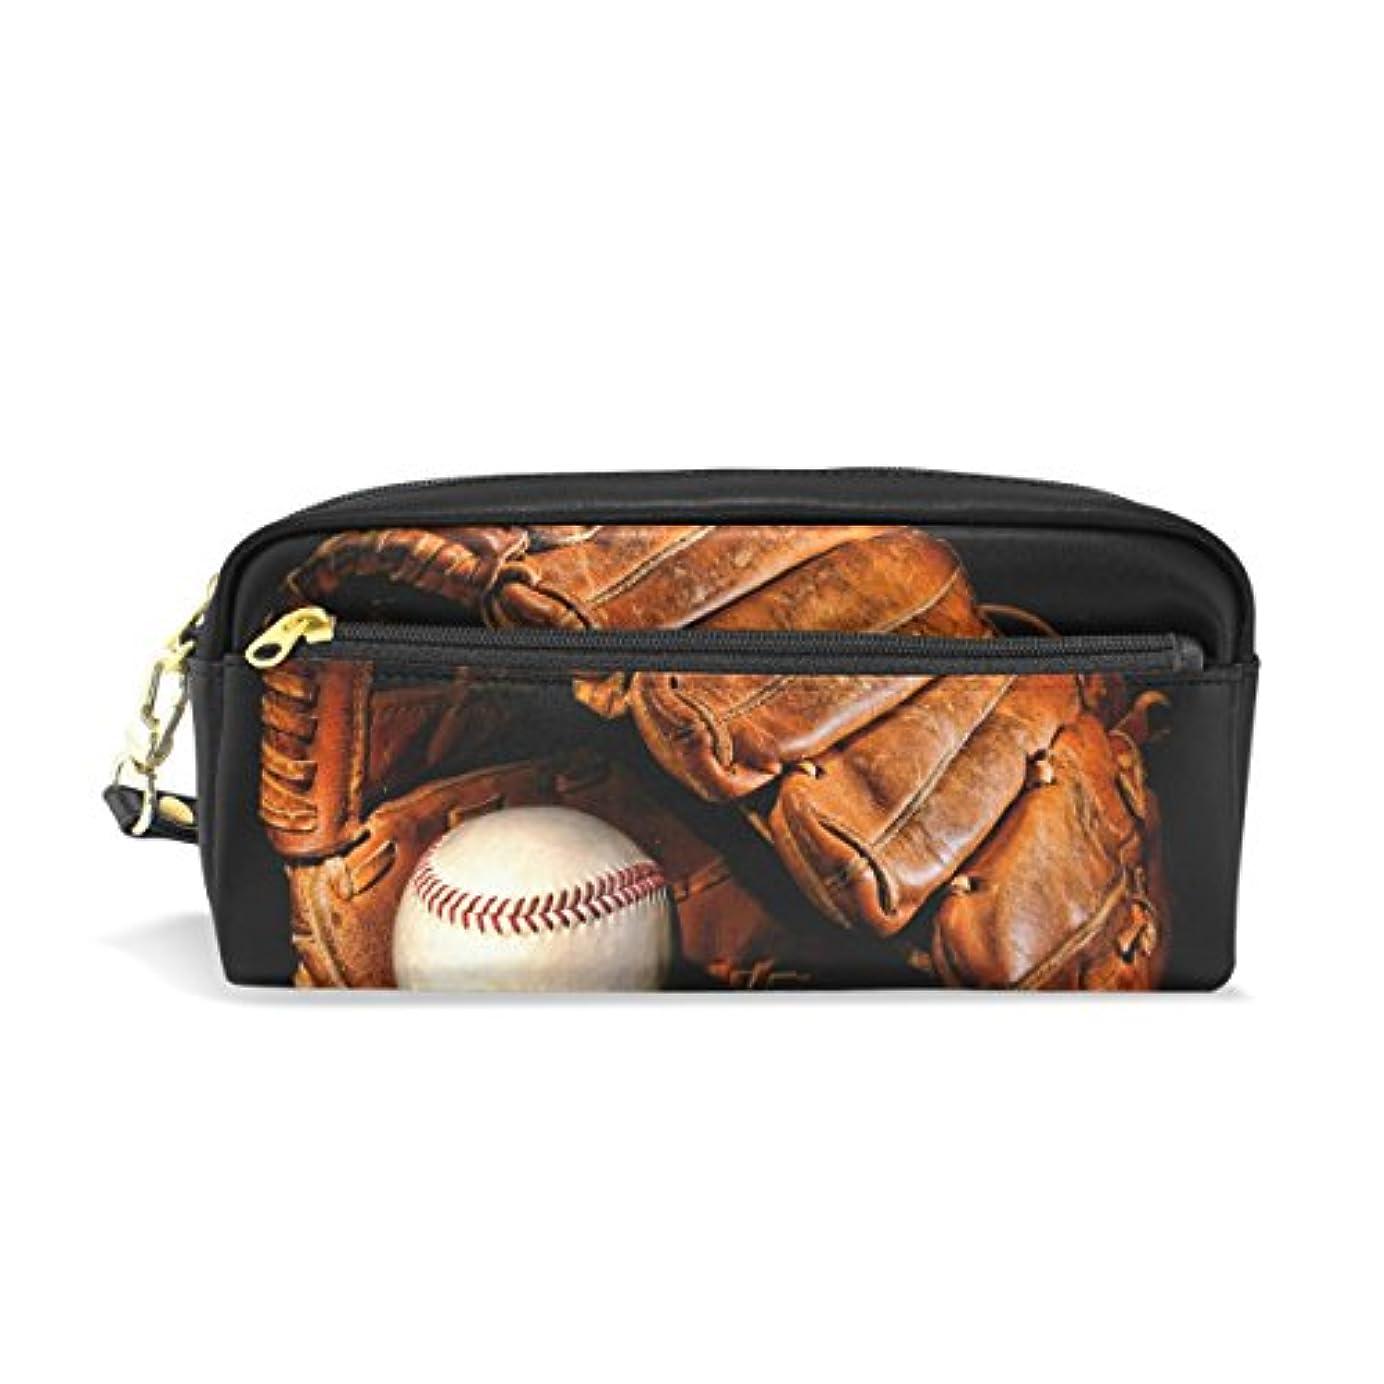 スワップ血色の良い滅びるAOMOKI ペンケース 化粧ポーチ 小物入り 多機能 レディース 野球 黒 ボール